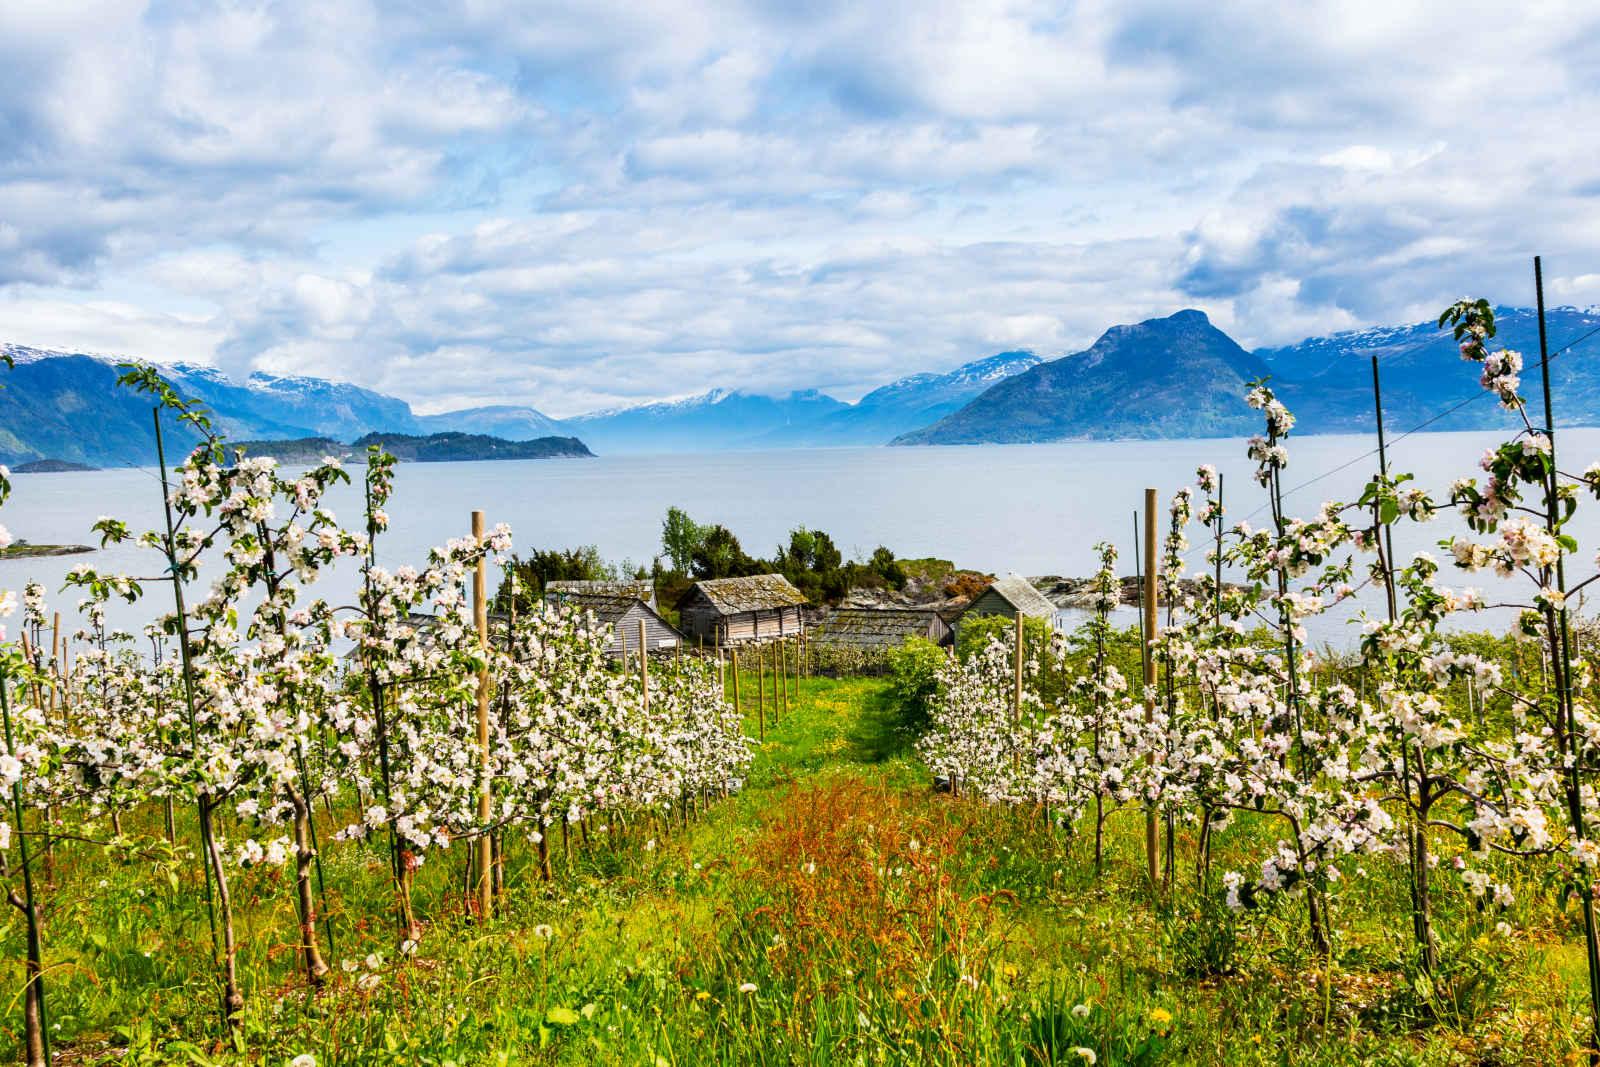 Séjour Norvège - Autotour Au pays des fjords